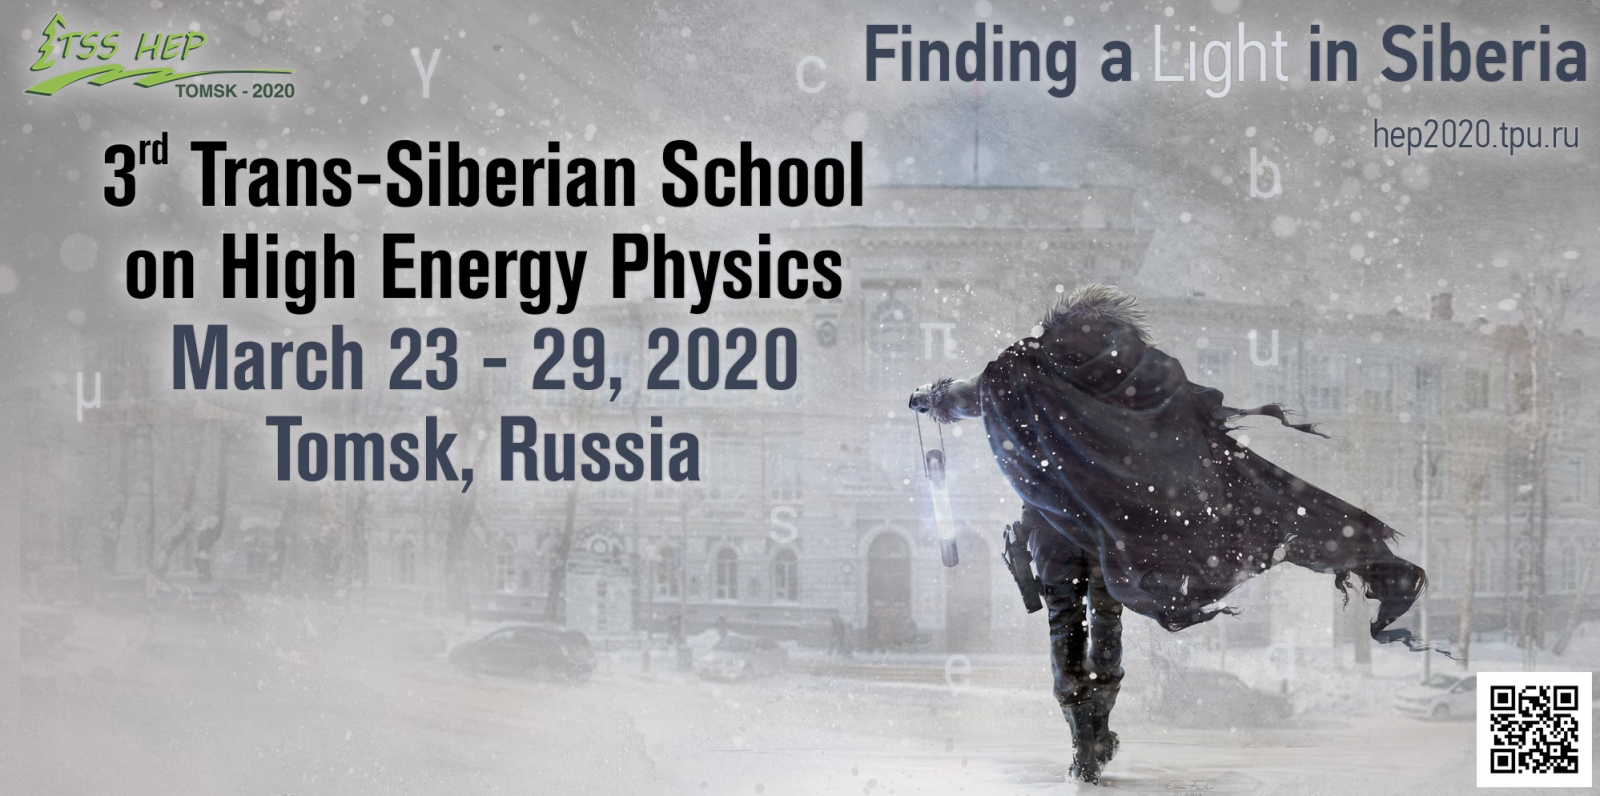 III Транссибирская школа по физике высоких энергий